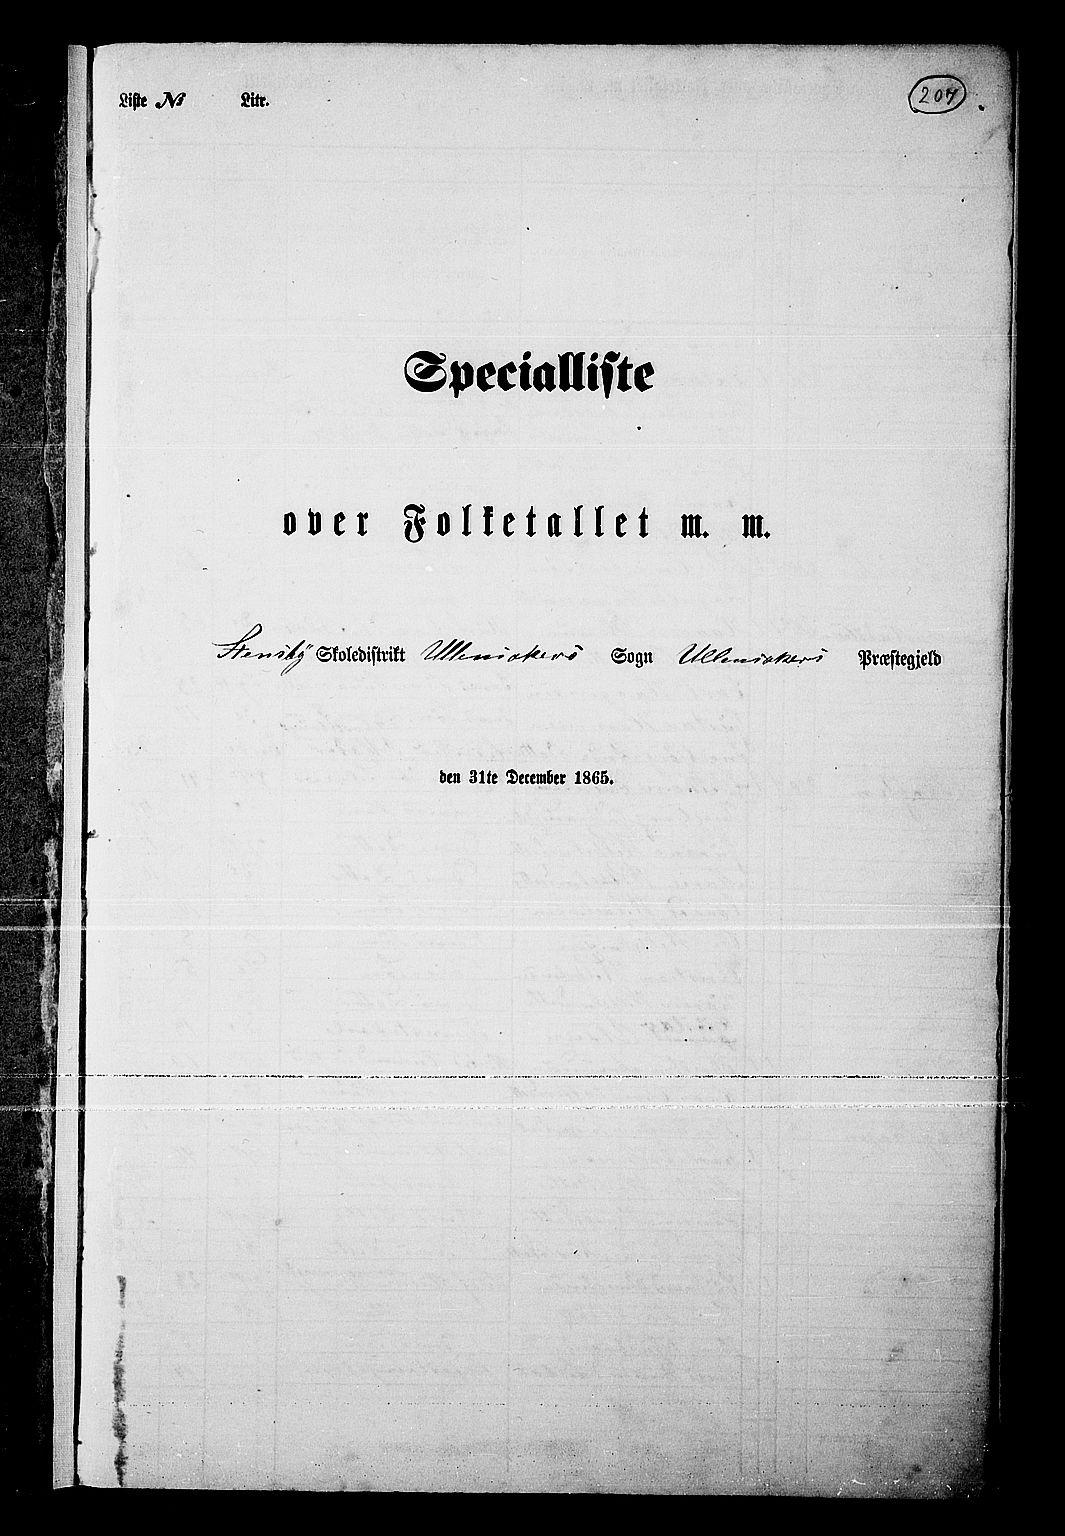 RA, Folketelling 1865 for 0235P Ullensaker prestegjeld, 1865, s. 179